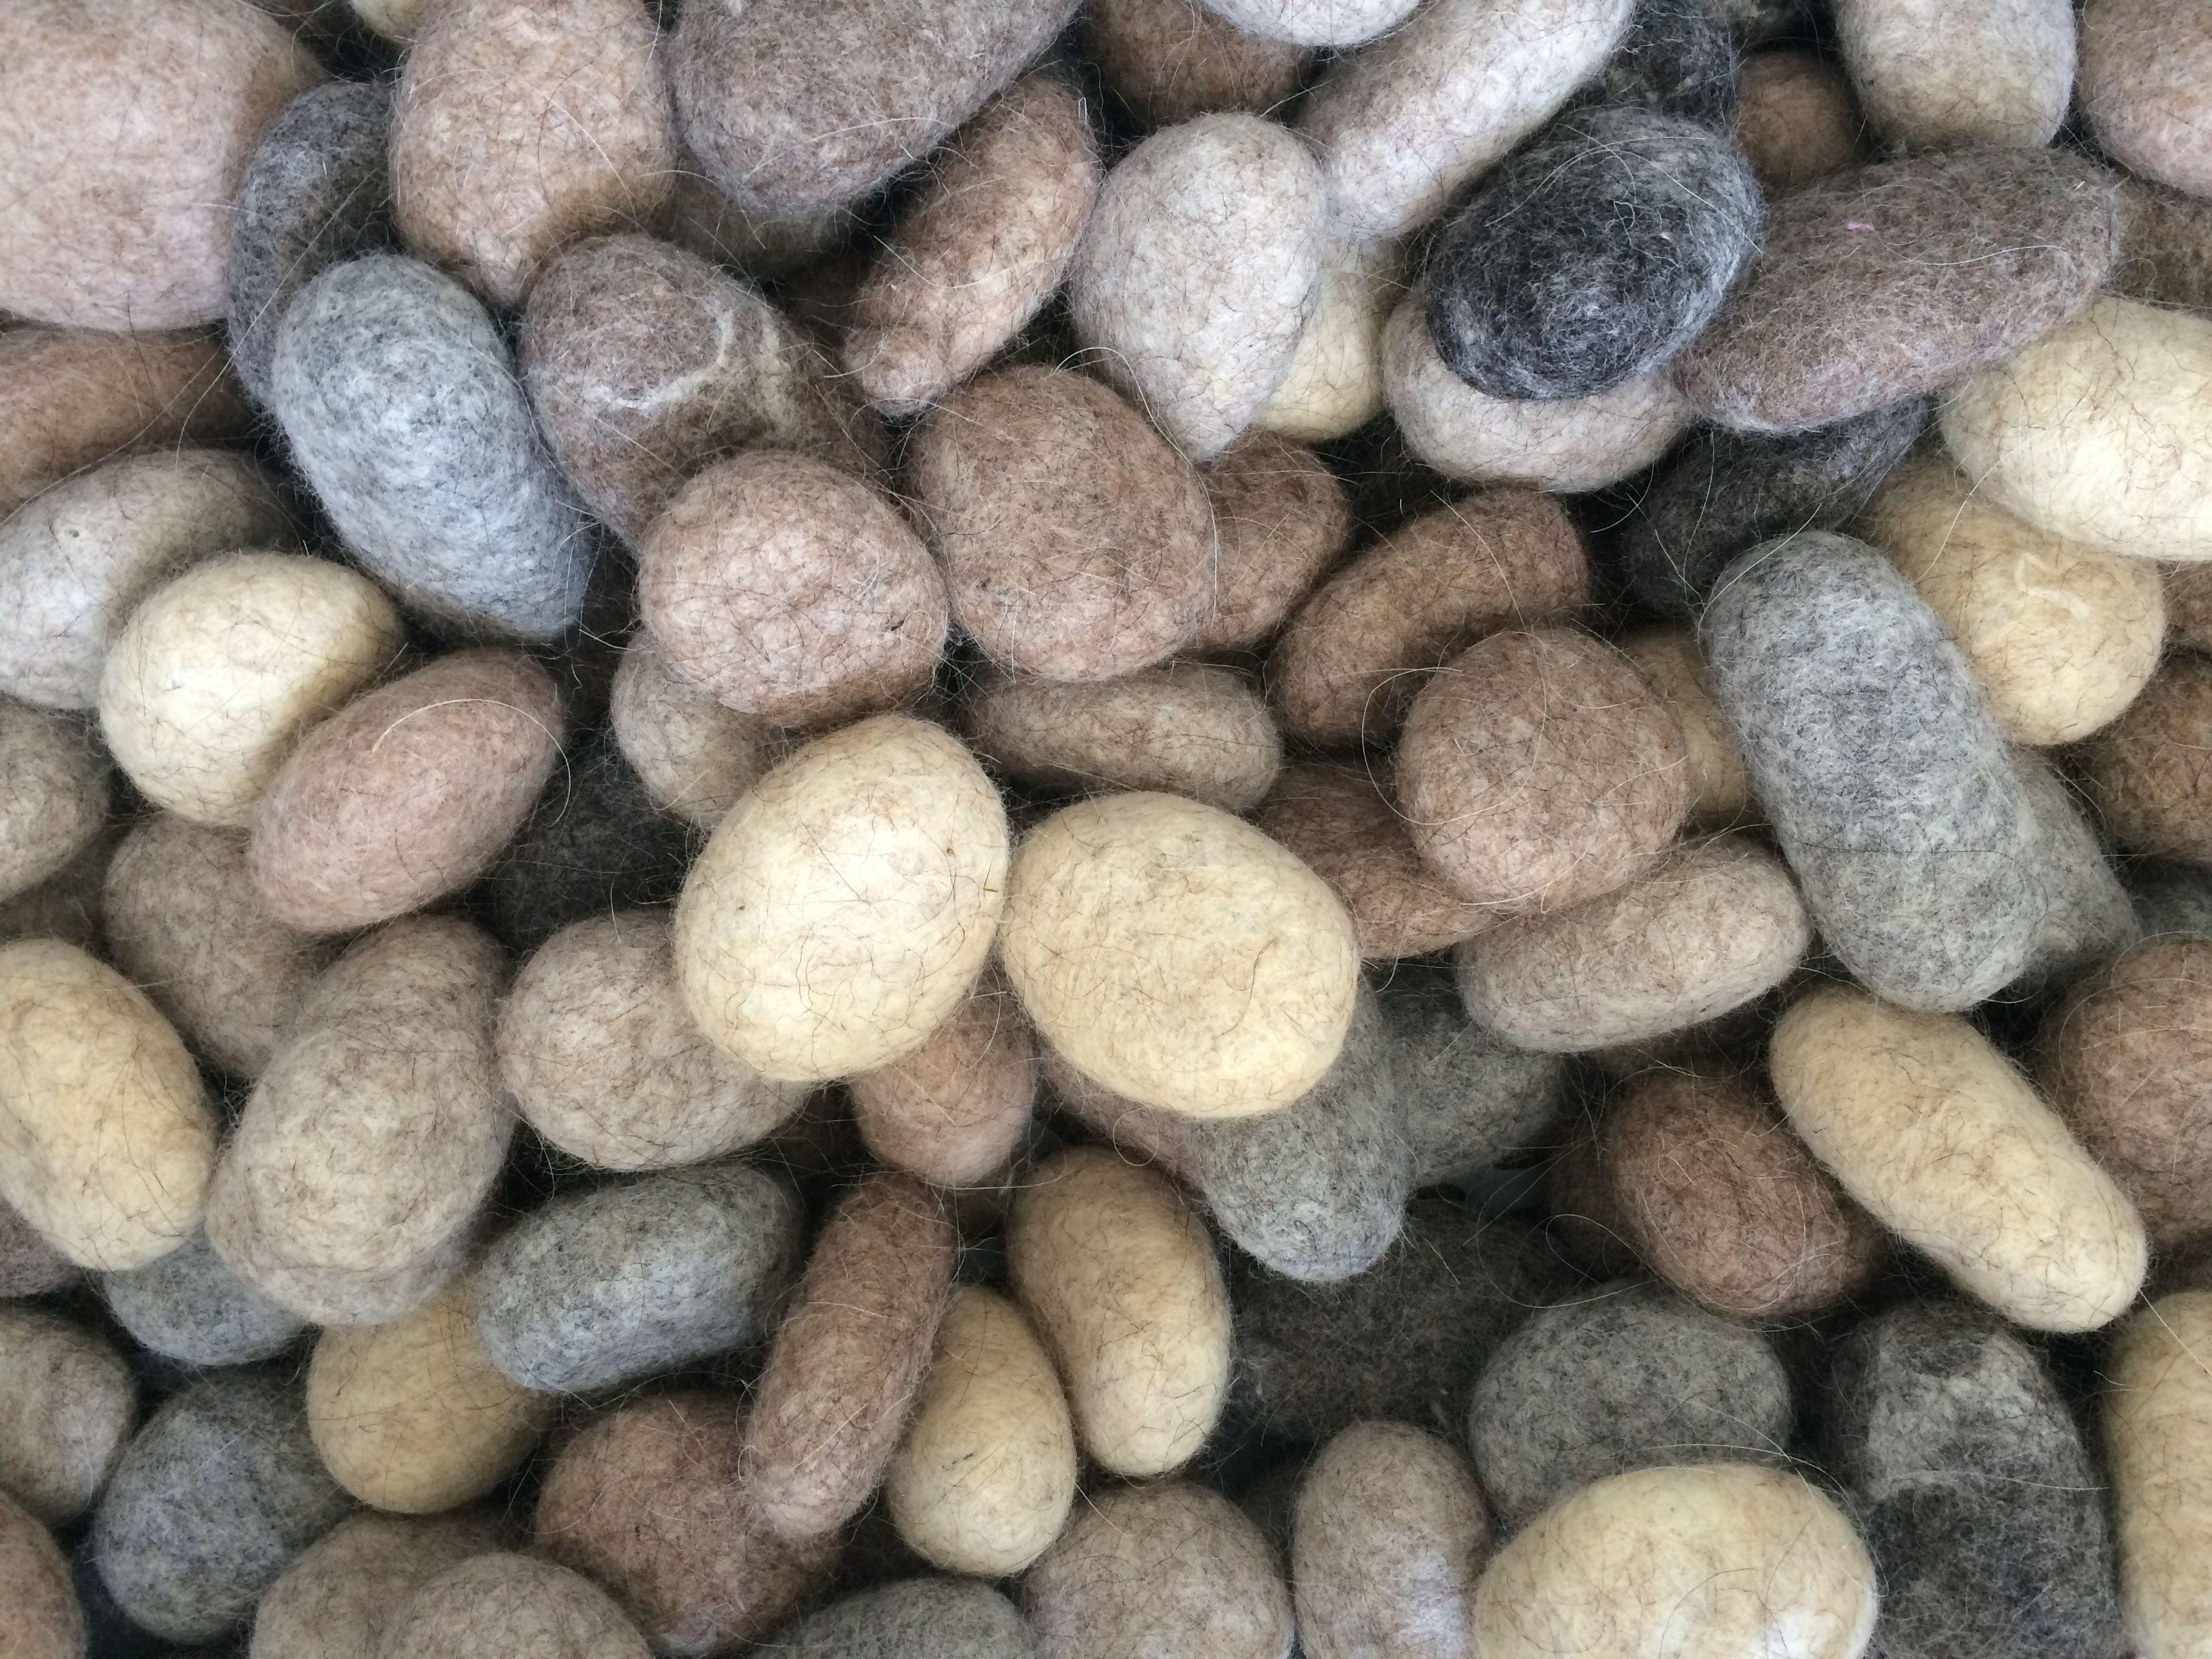 Badezimmerteppich Grau ~ Badematte cm pana jasmina in verschiedenen farben grau